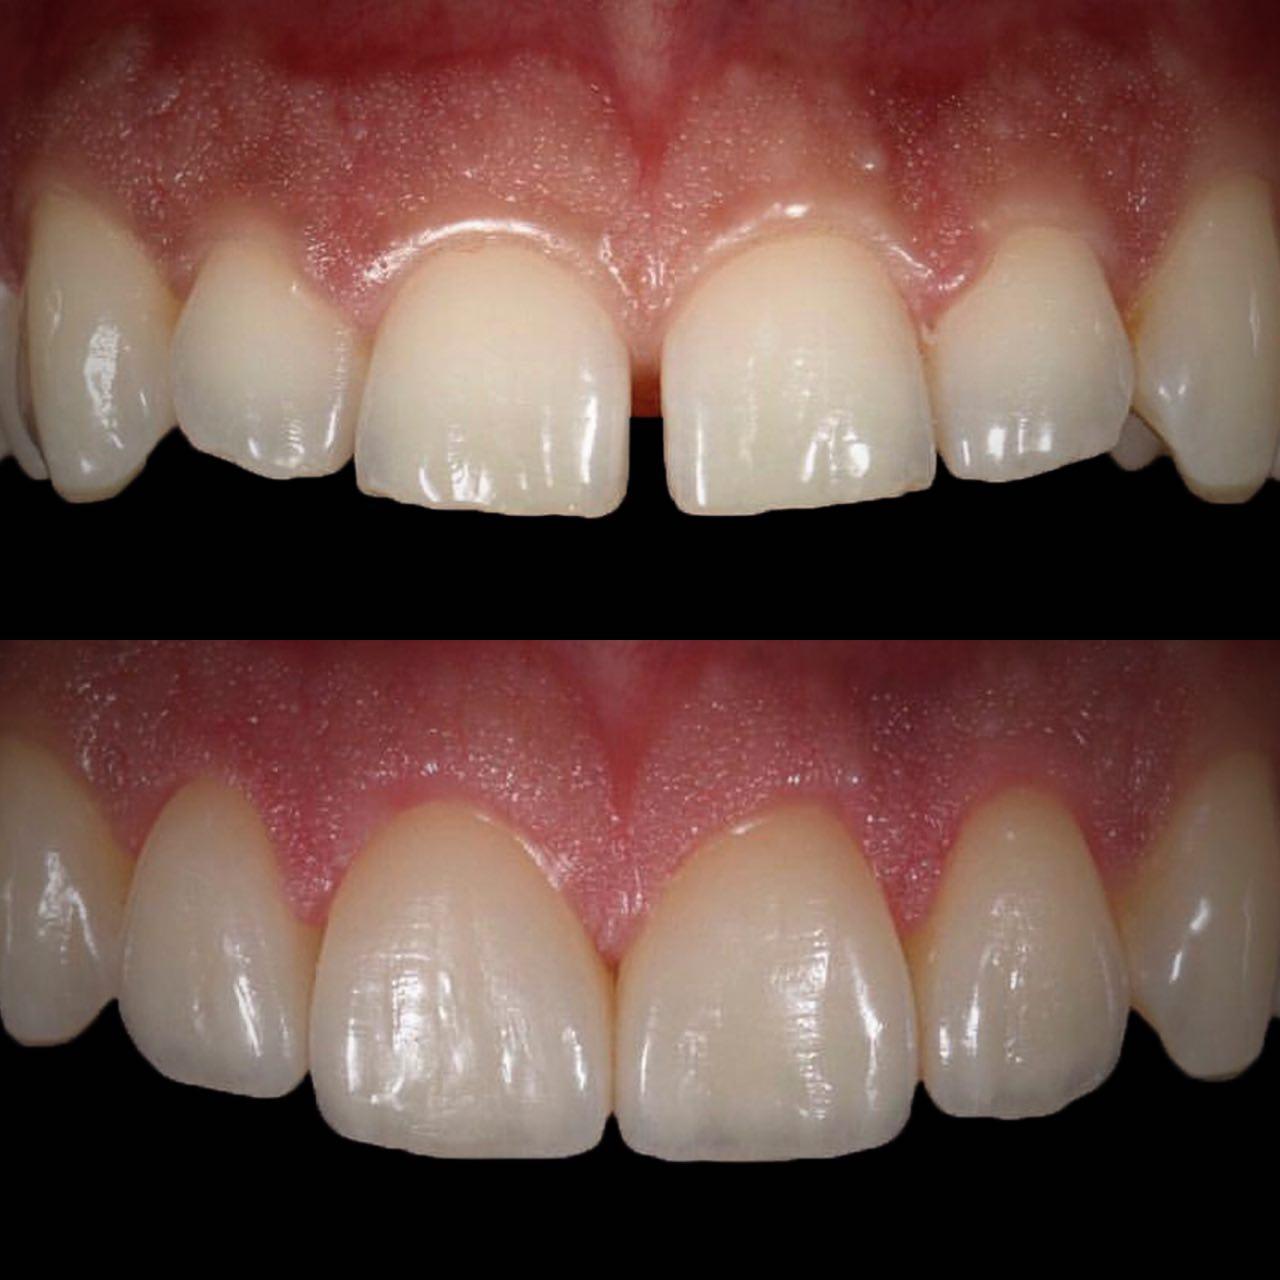 IMG EA28C0AD23FD 1 - Художня реставрація зубів